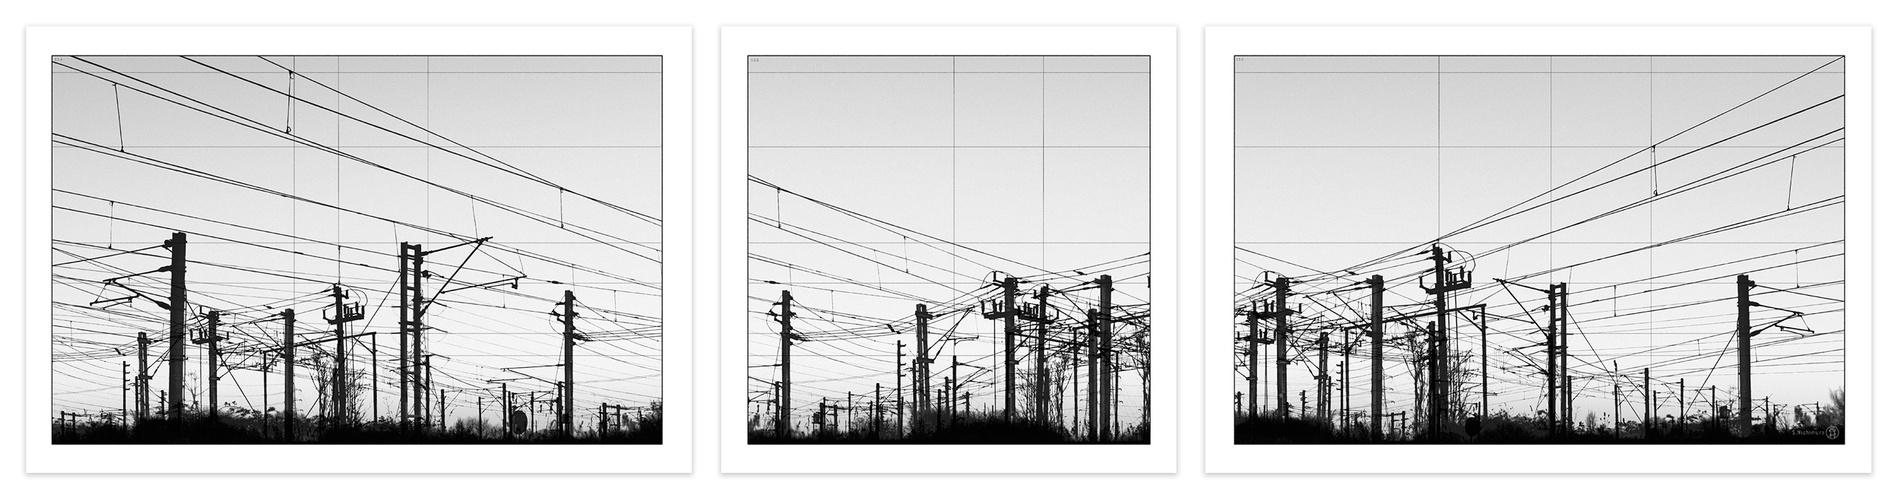 Landscape/Fiction 13